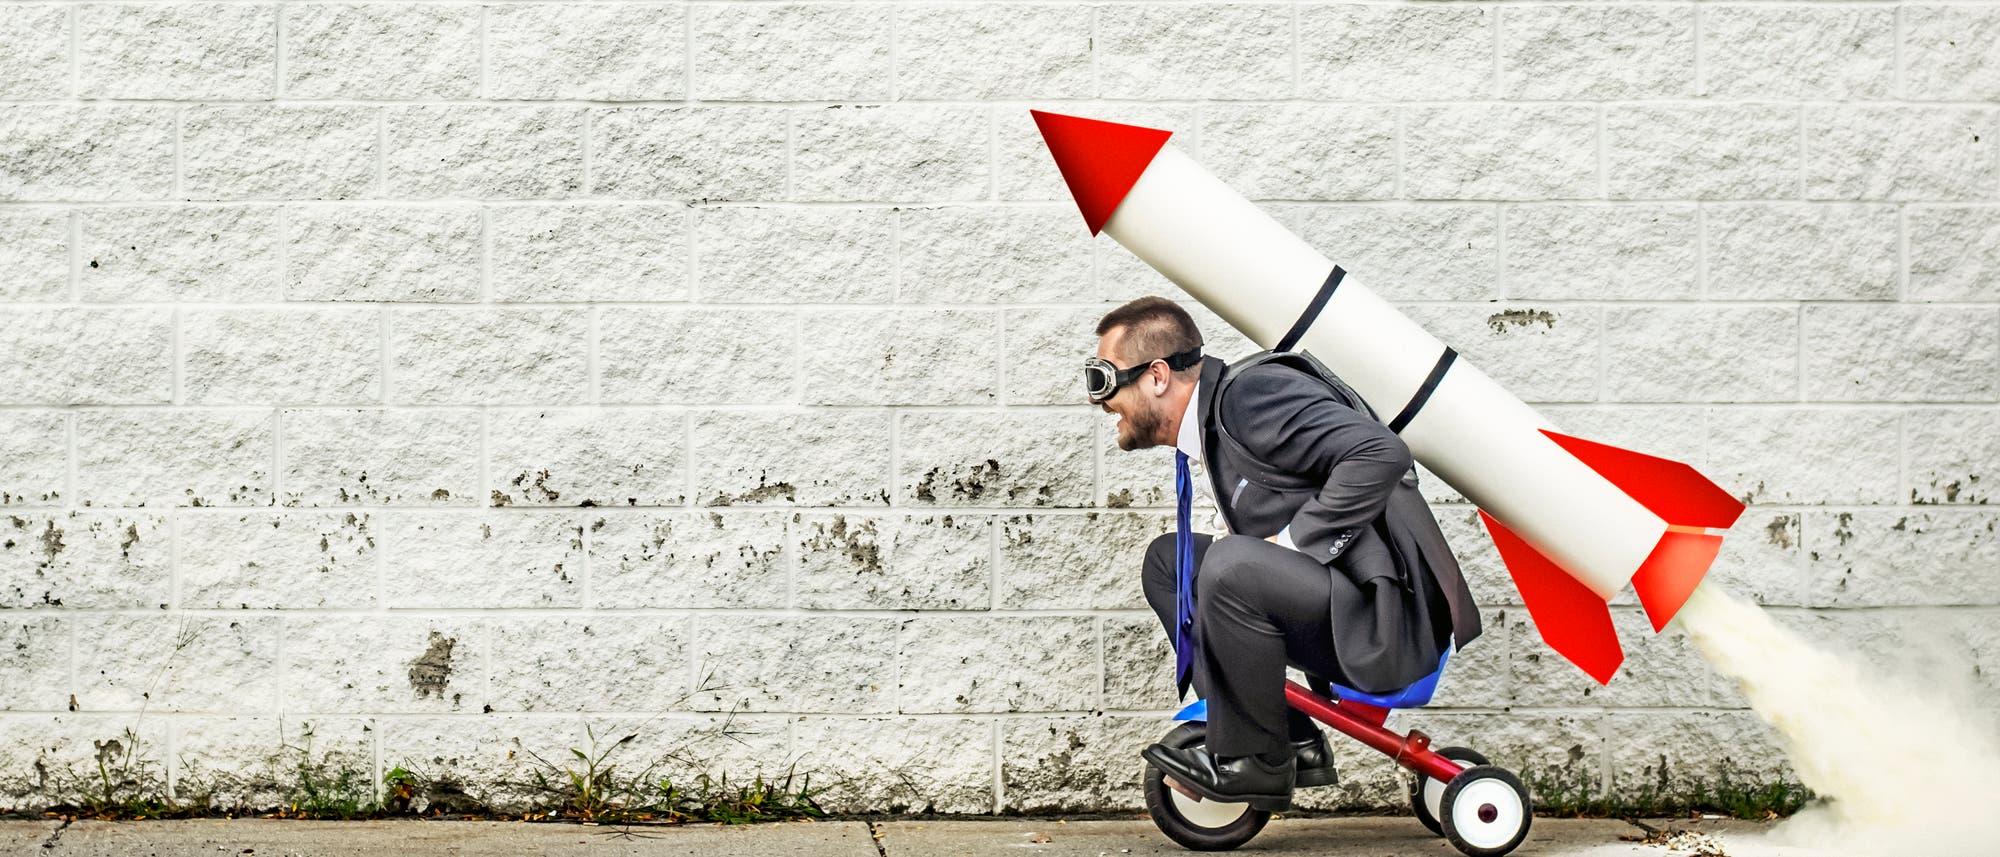 Ein Mann auf einem Dreirad startet mit Hilfe einer großen Rakete auf dem Rücken.